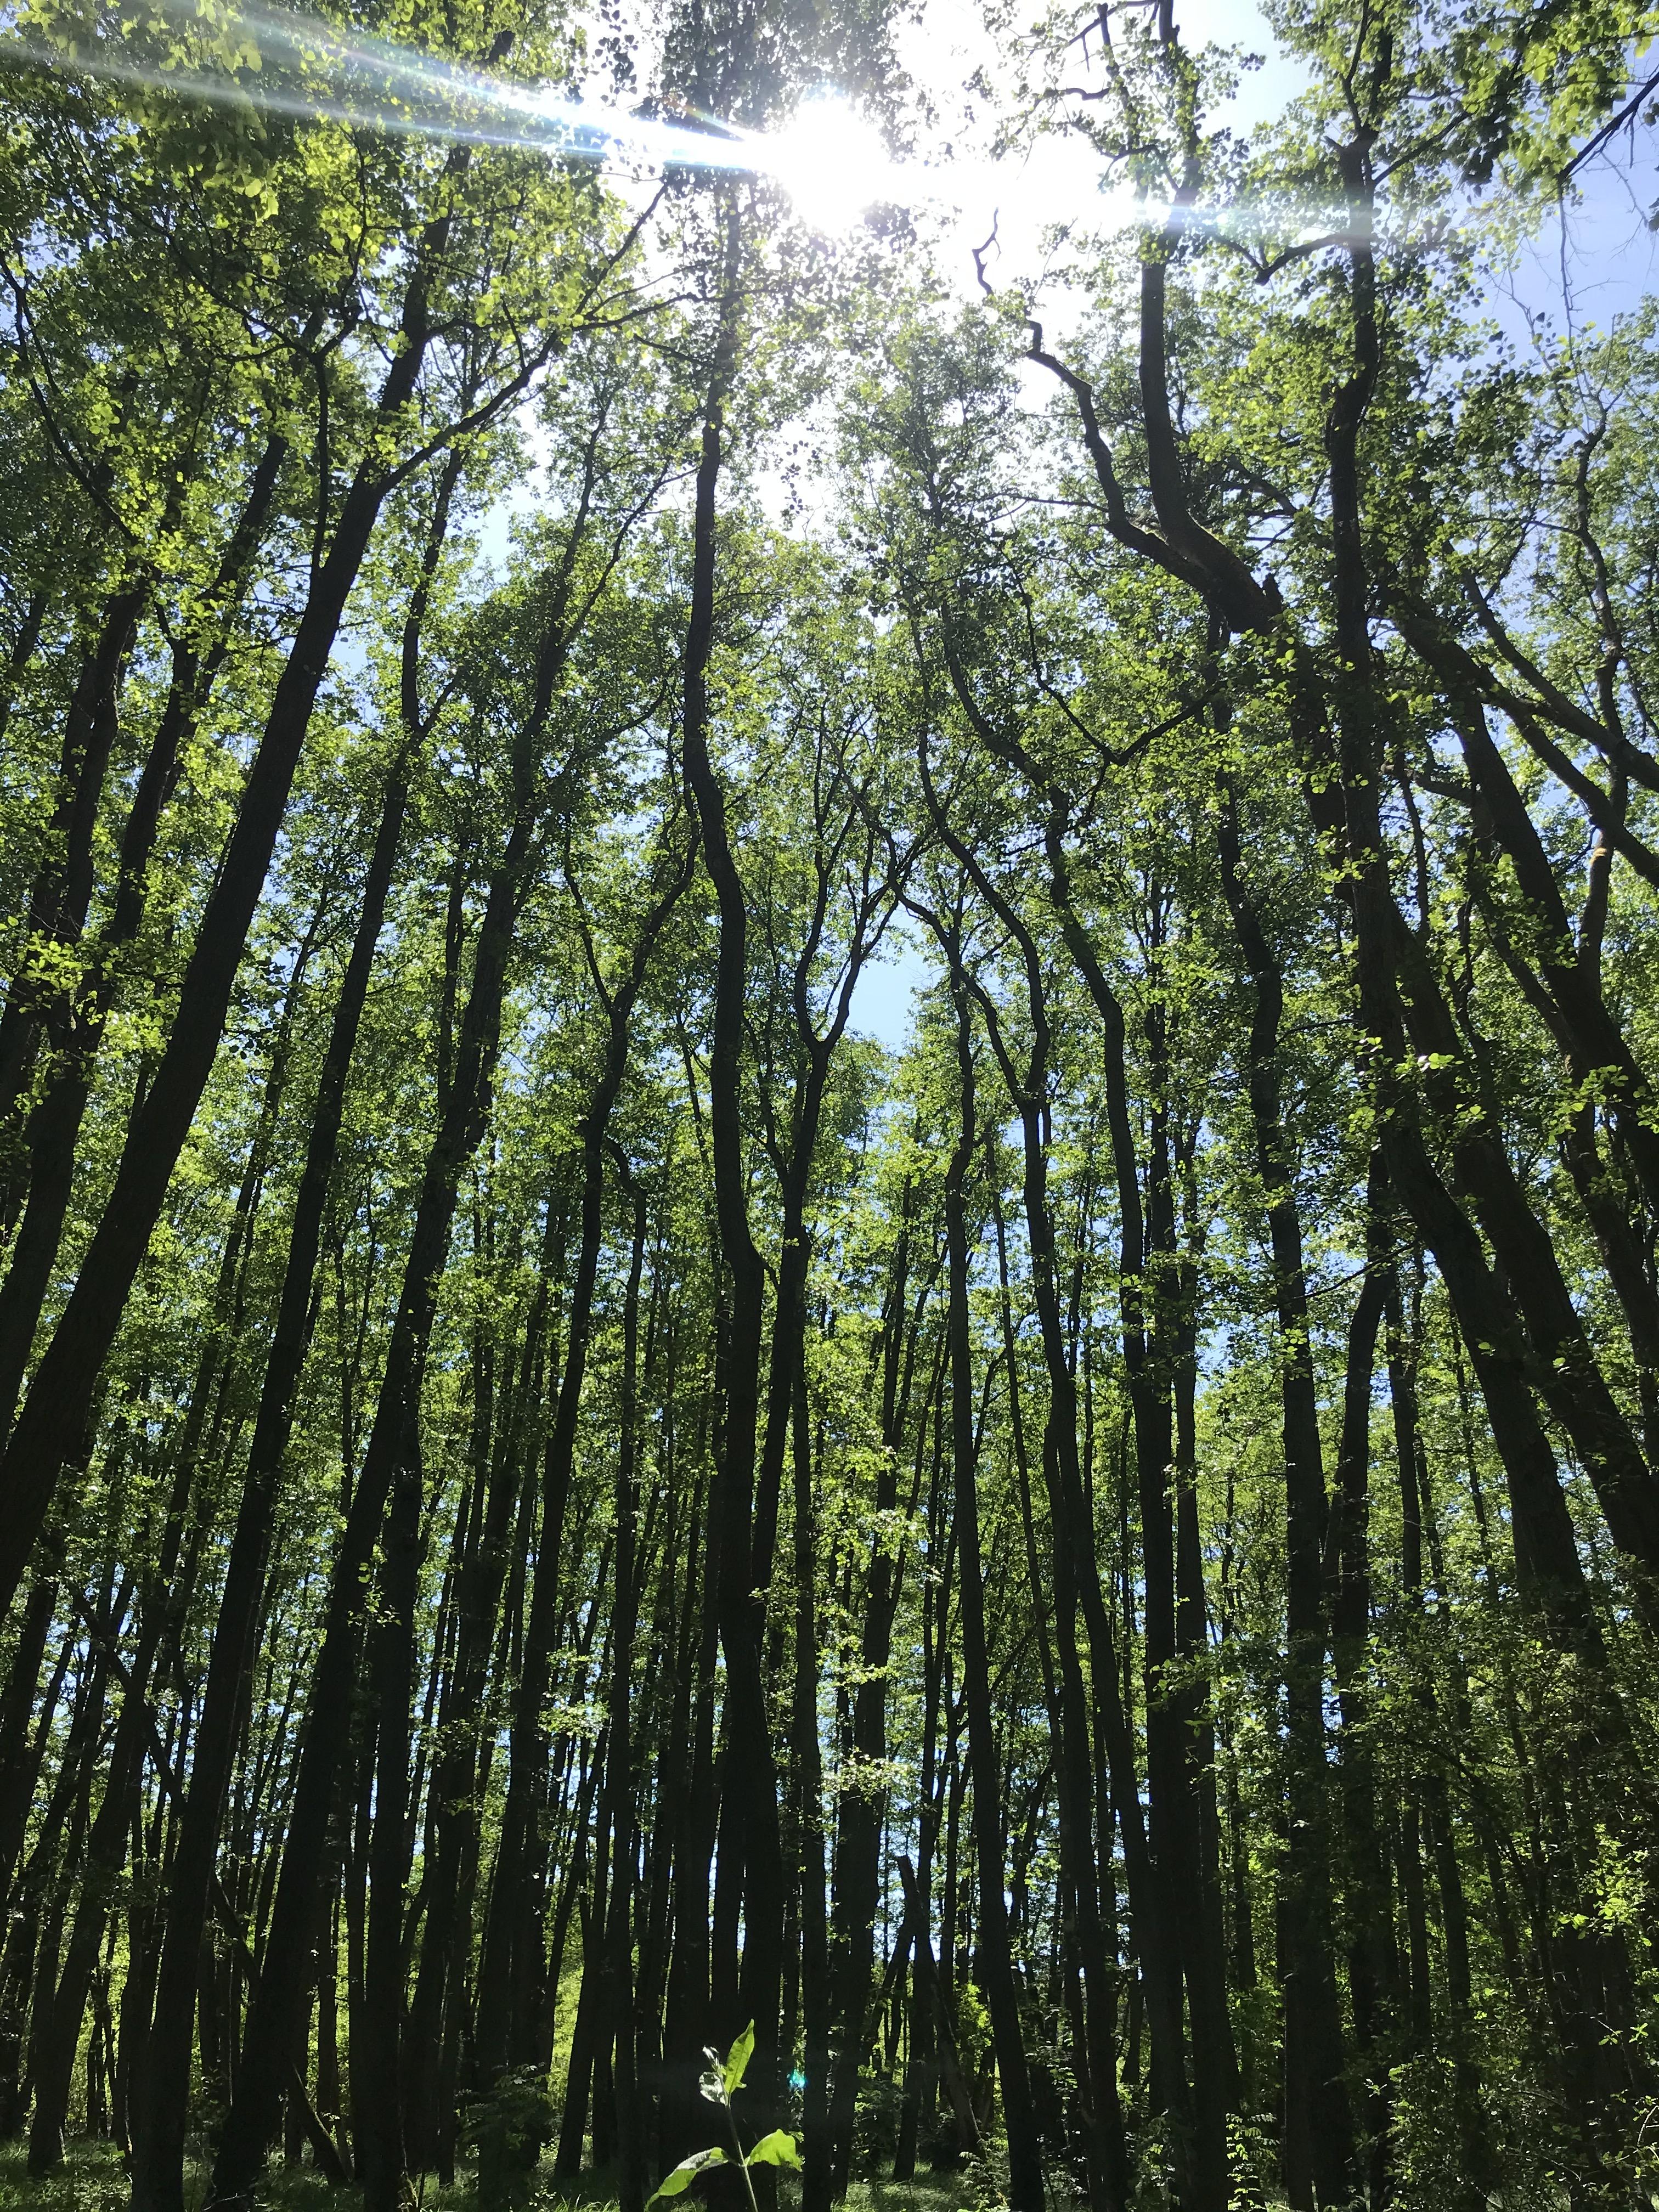 vegetazione-hiking-märkische-schweiz-germania